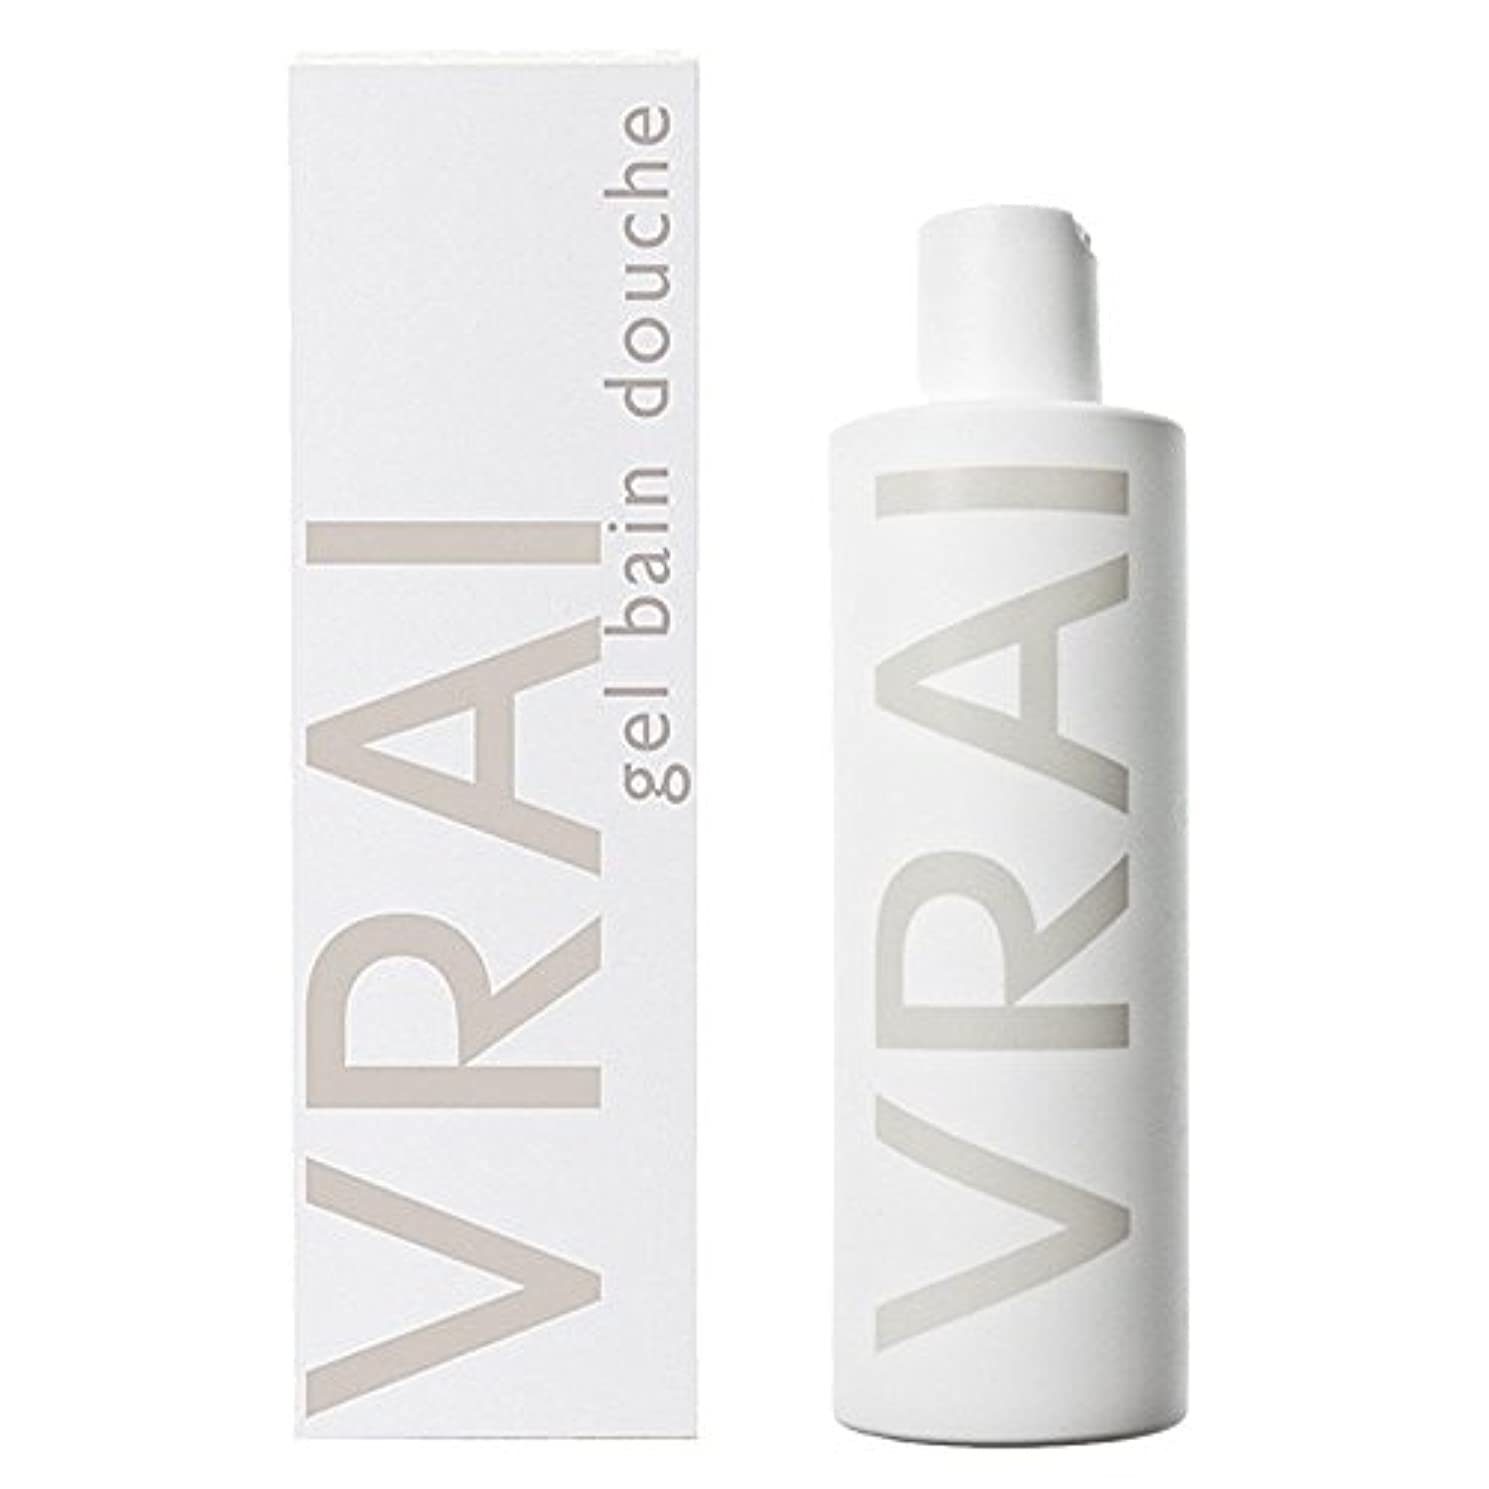 機転セッティングクレアFragonard VRAI (フラゴナール ブライ) 8.3 oz (250ml) Bath & Shower Gel